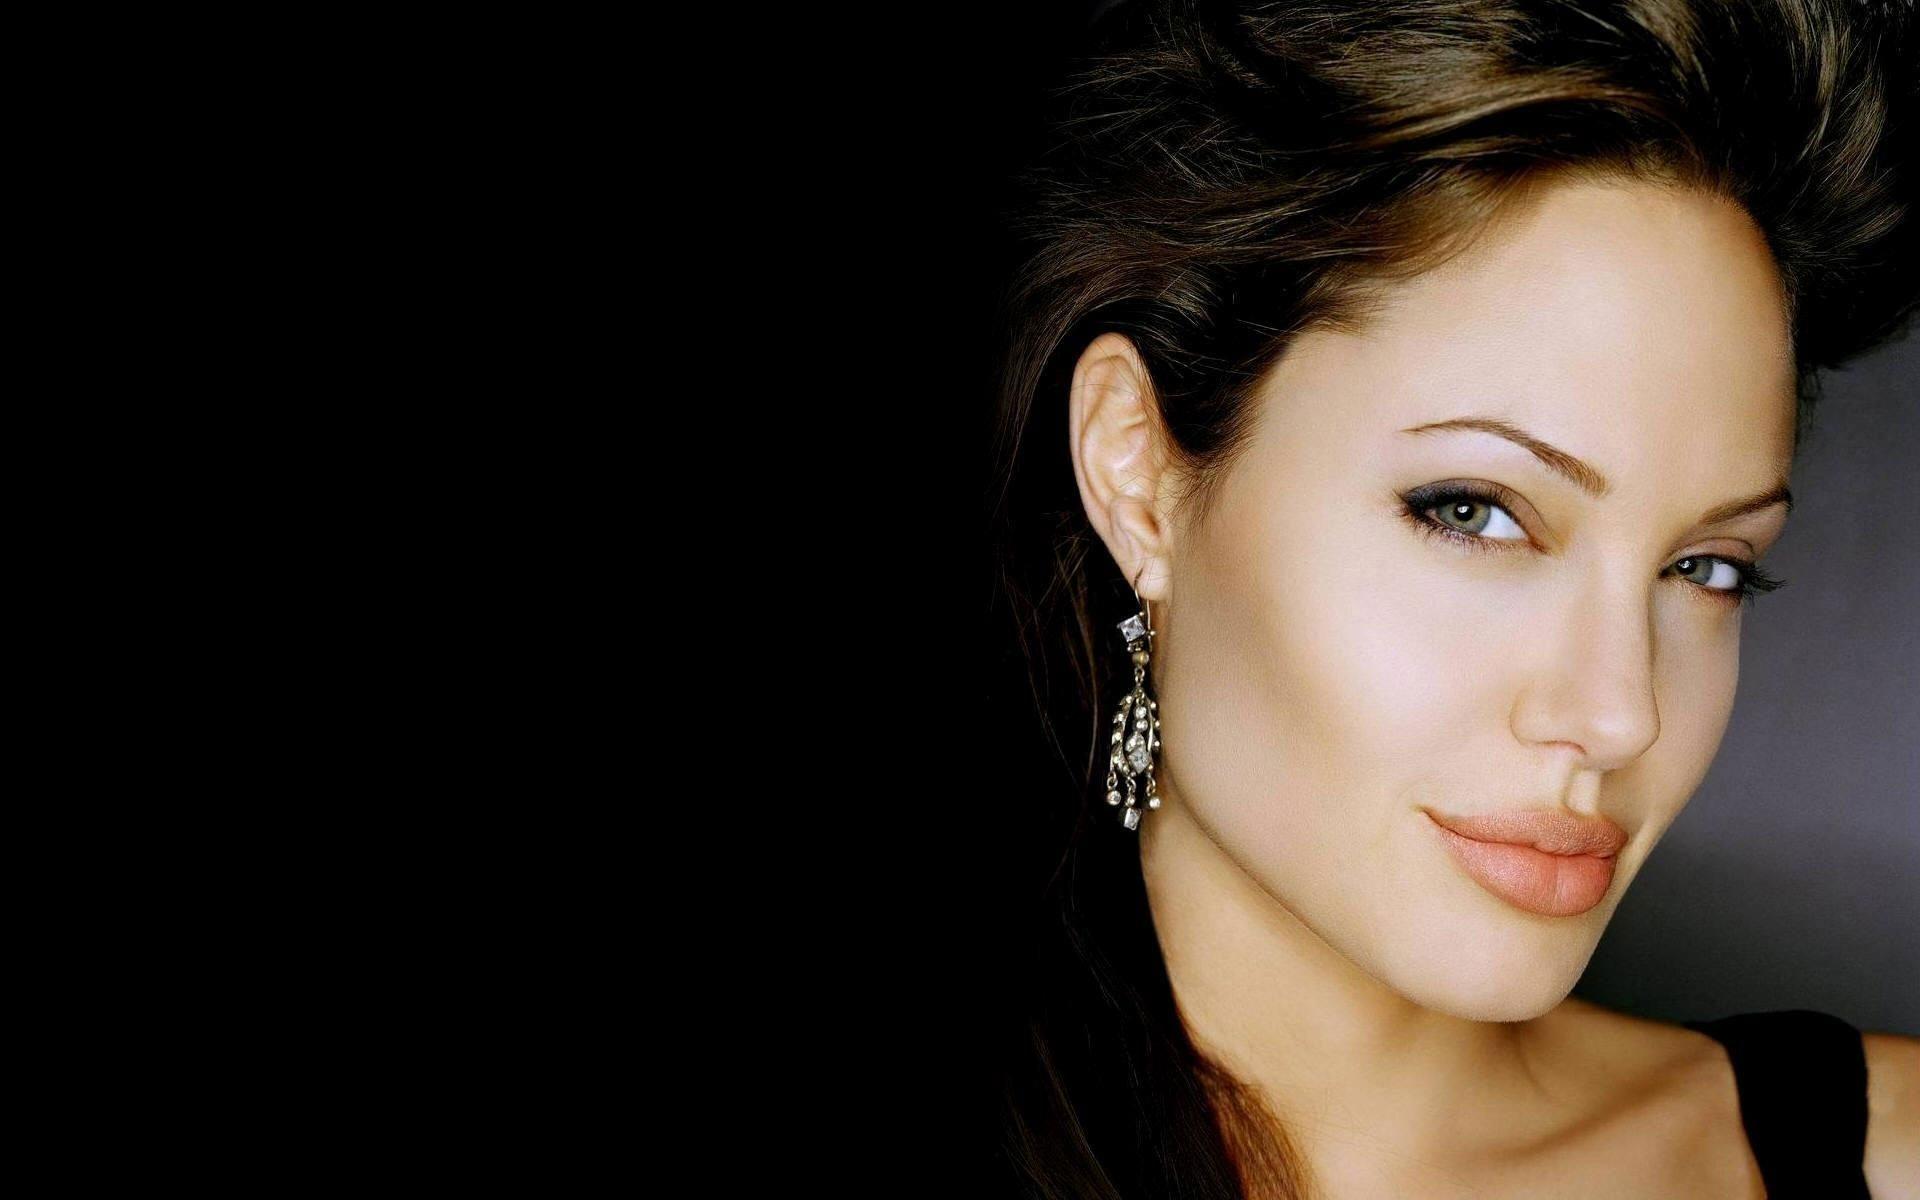 Angelina Jolie 16 Desktop Background